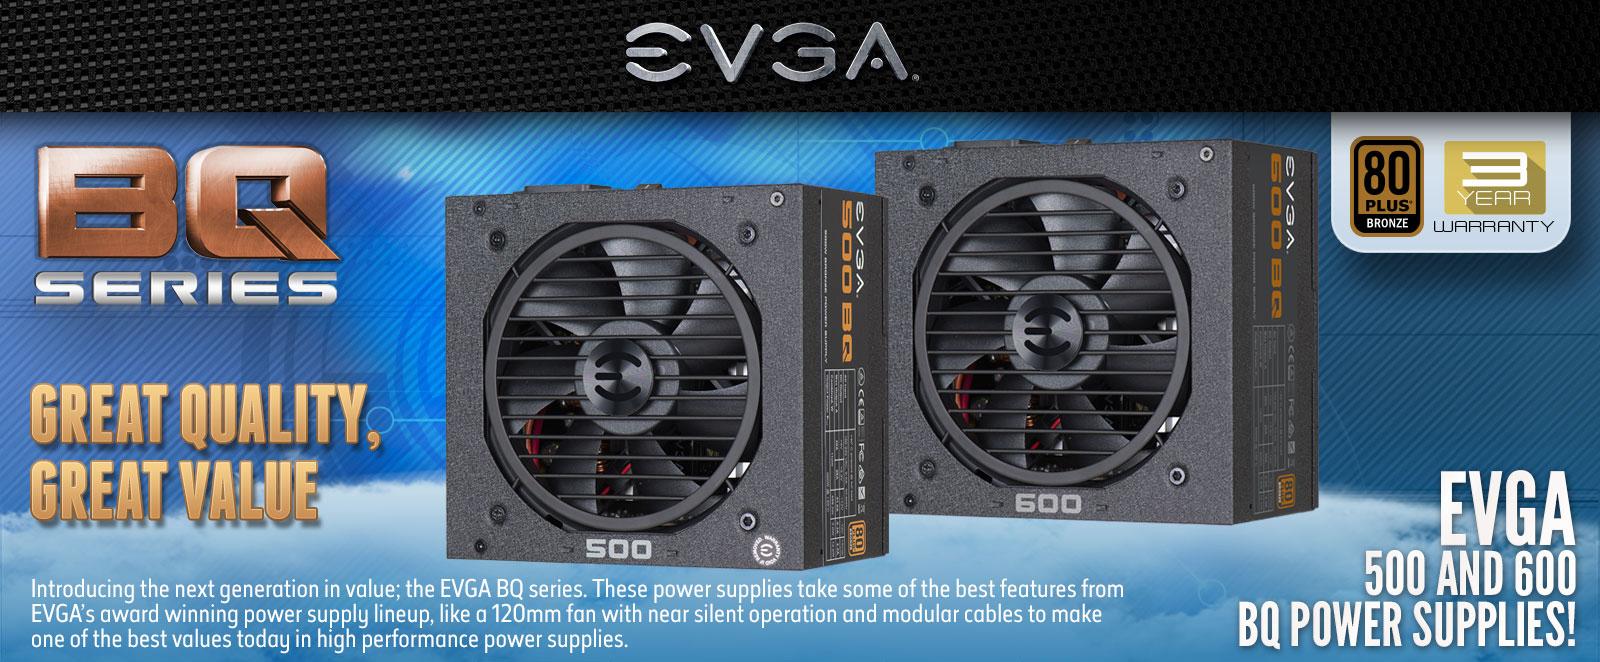 BQ Series EVGA 500 and 600 Power Supplies Main Banner